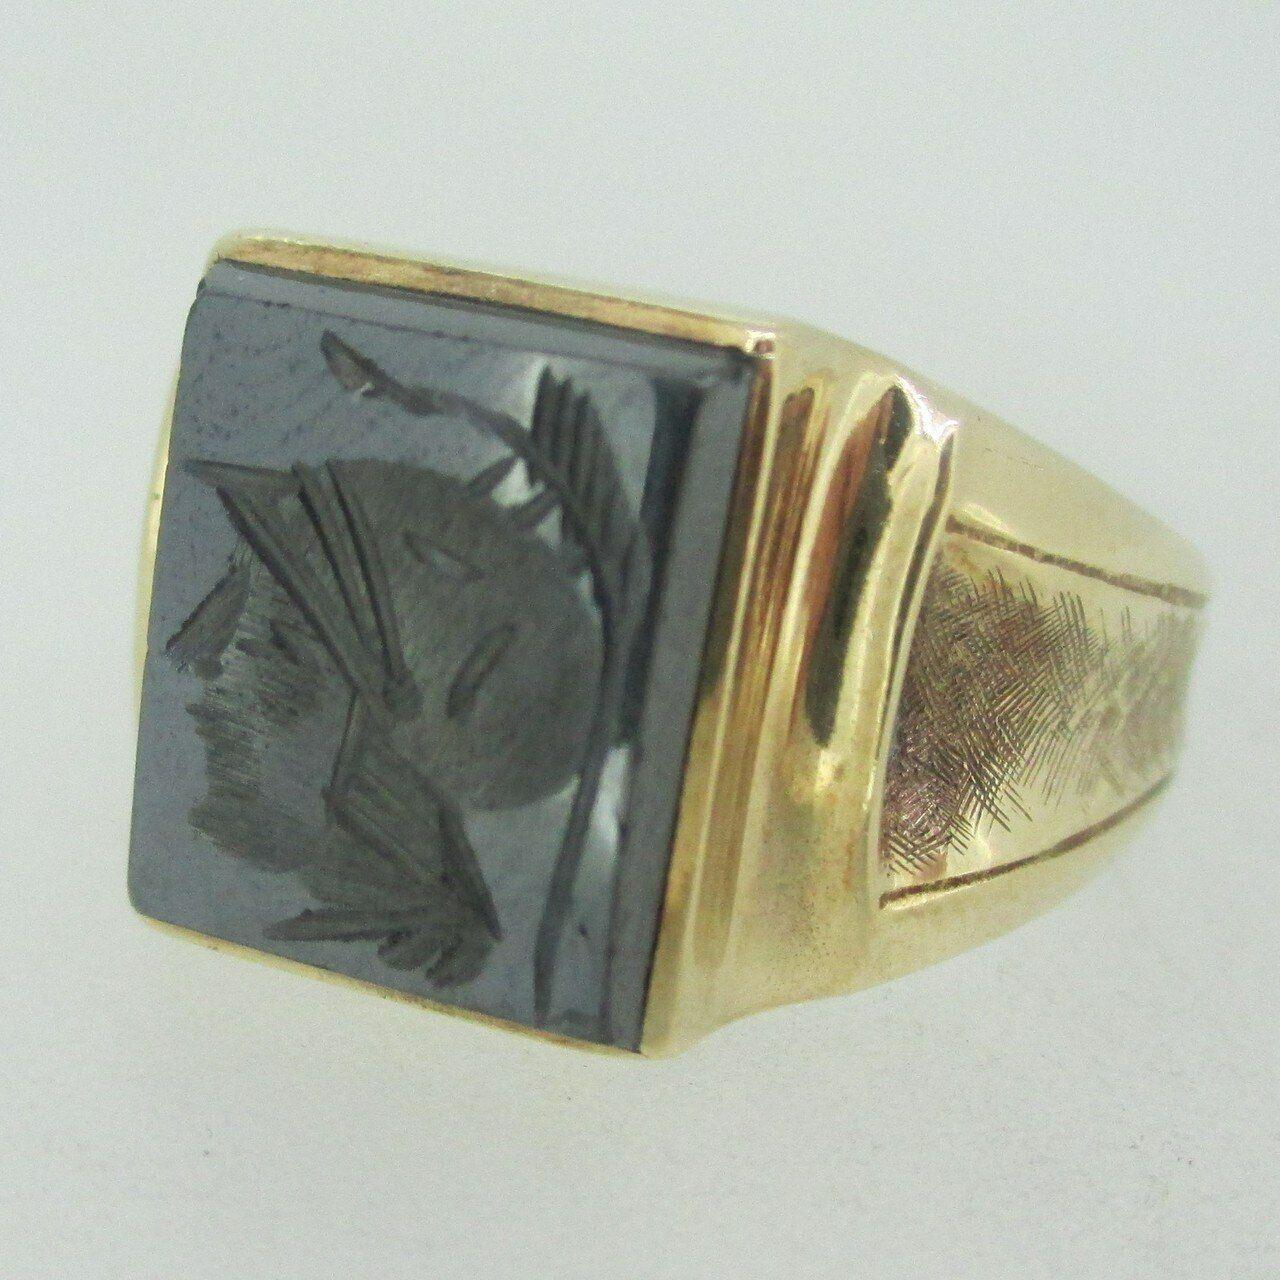 10k Yellow gold Signet Men's Ring Size 12.5